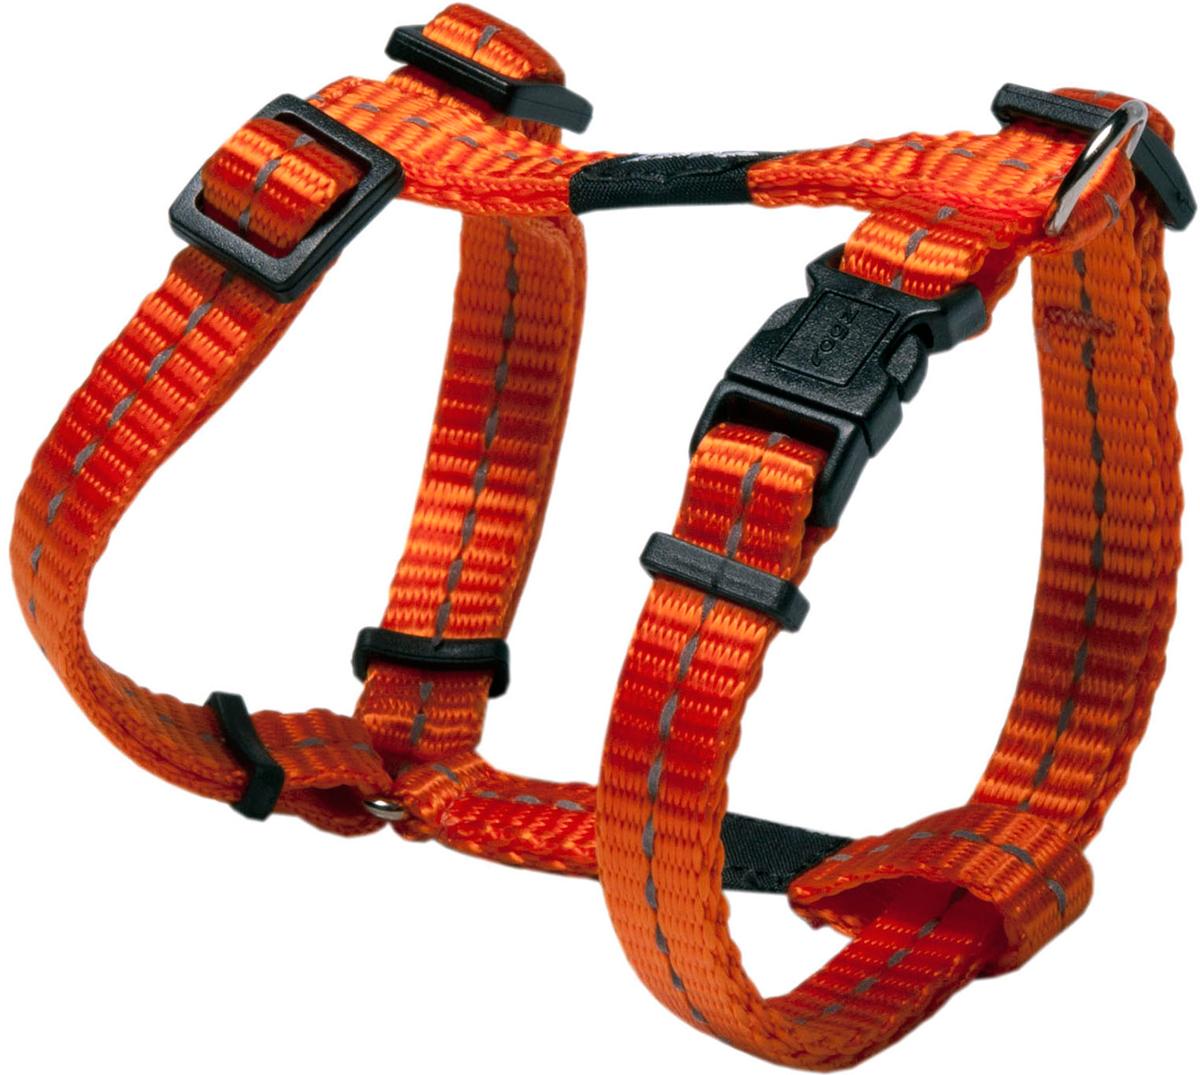 Шлейка для собак Rogz Utility, цвет: оранжевый, ширина 1,1 см. Размер S101246Шлейка для собак Rogz Utility со светоотражающей нитью, вплетенной в нейлоновую ленту, обеспечивает лучшую видимость собаки в темное время суток. Специальная конструкция пряжки Rog Loc - очень крепкая (система Fort Knox). Замок может быть расстегнут только рукой человека. Технология распределения нагрузки позволяет снизить нагрузку на пряжки, изготовленные из титанового пластика, с помощью правильного и разумного расположения грузовых колец, благодаря чему, даже при самых сильных рывках, изделие не рвется и не деформируется.Выполненные специально по заказу ROGZ литые кольца гальванически хромированы, что позволяет избежать коррозии и потускнения изделия.